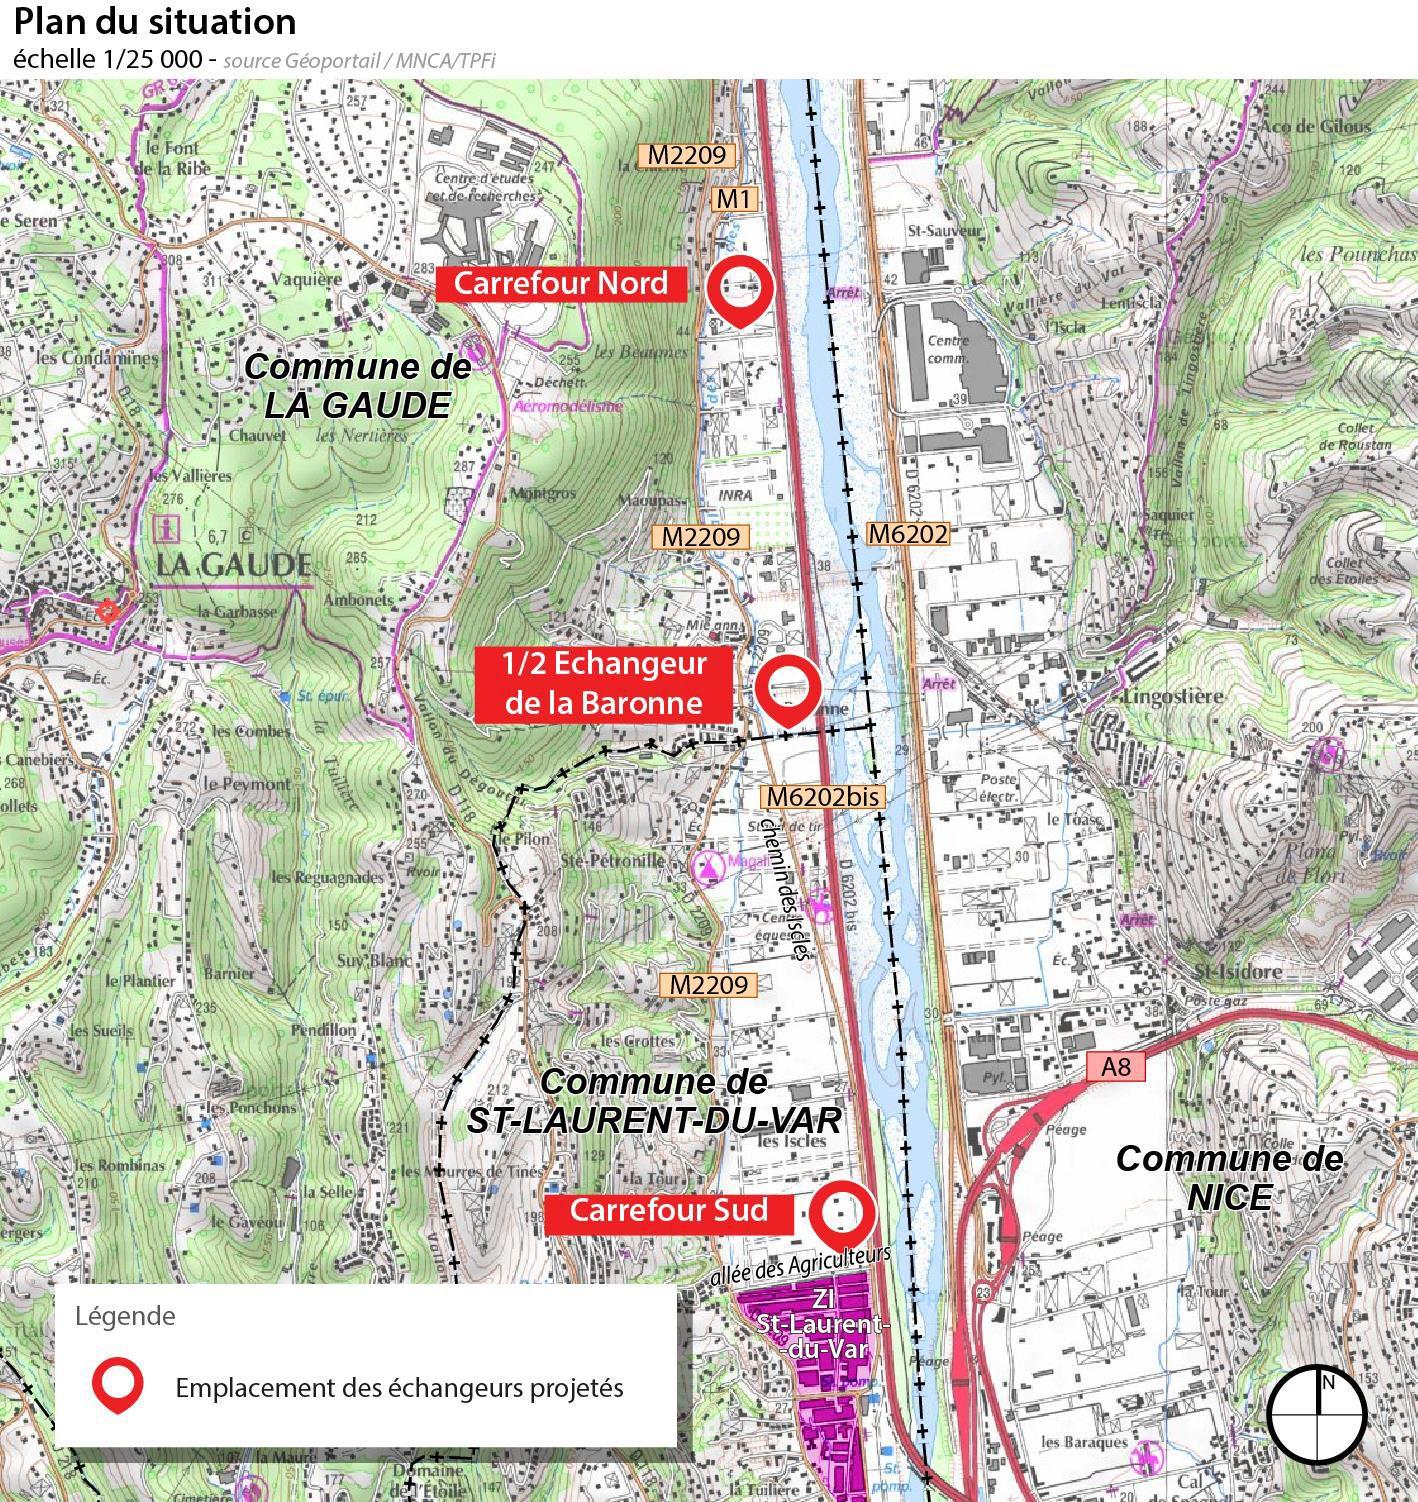 Emplacement des Echangeurs projetés: Nord+Demi.Echangeur.La.Baronne+Sud - OIN ECO-VALLEE (201905)